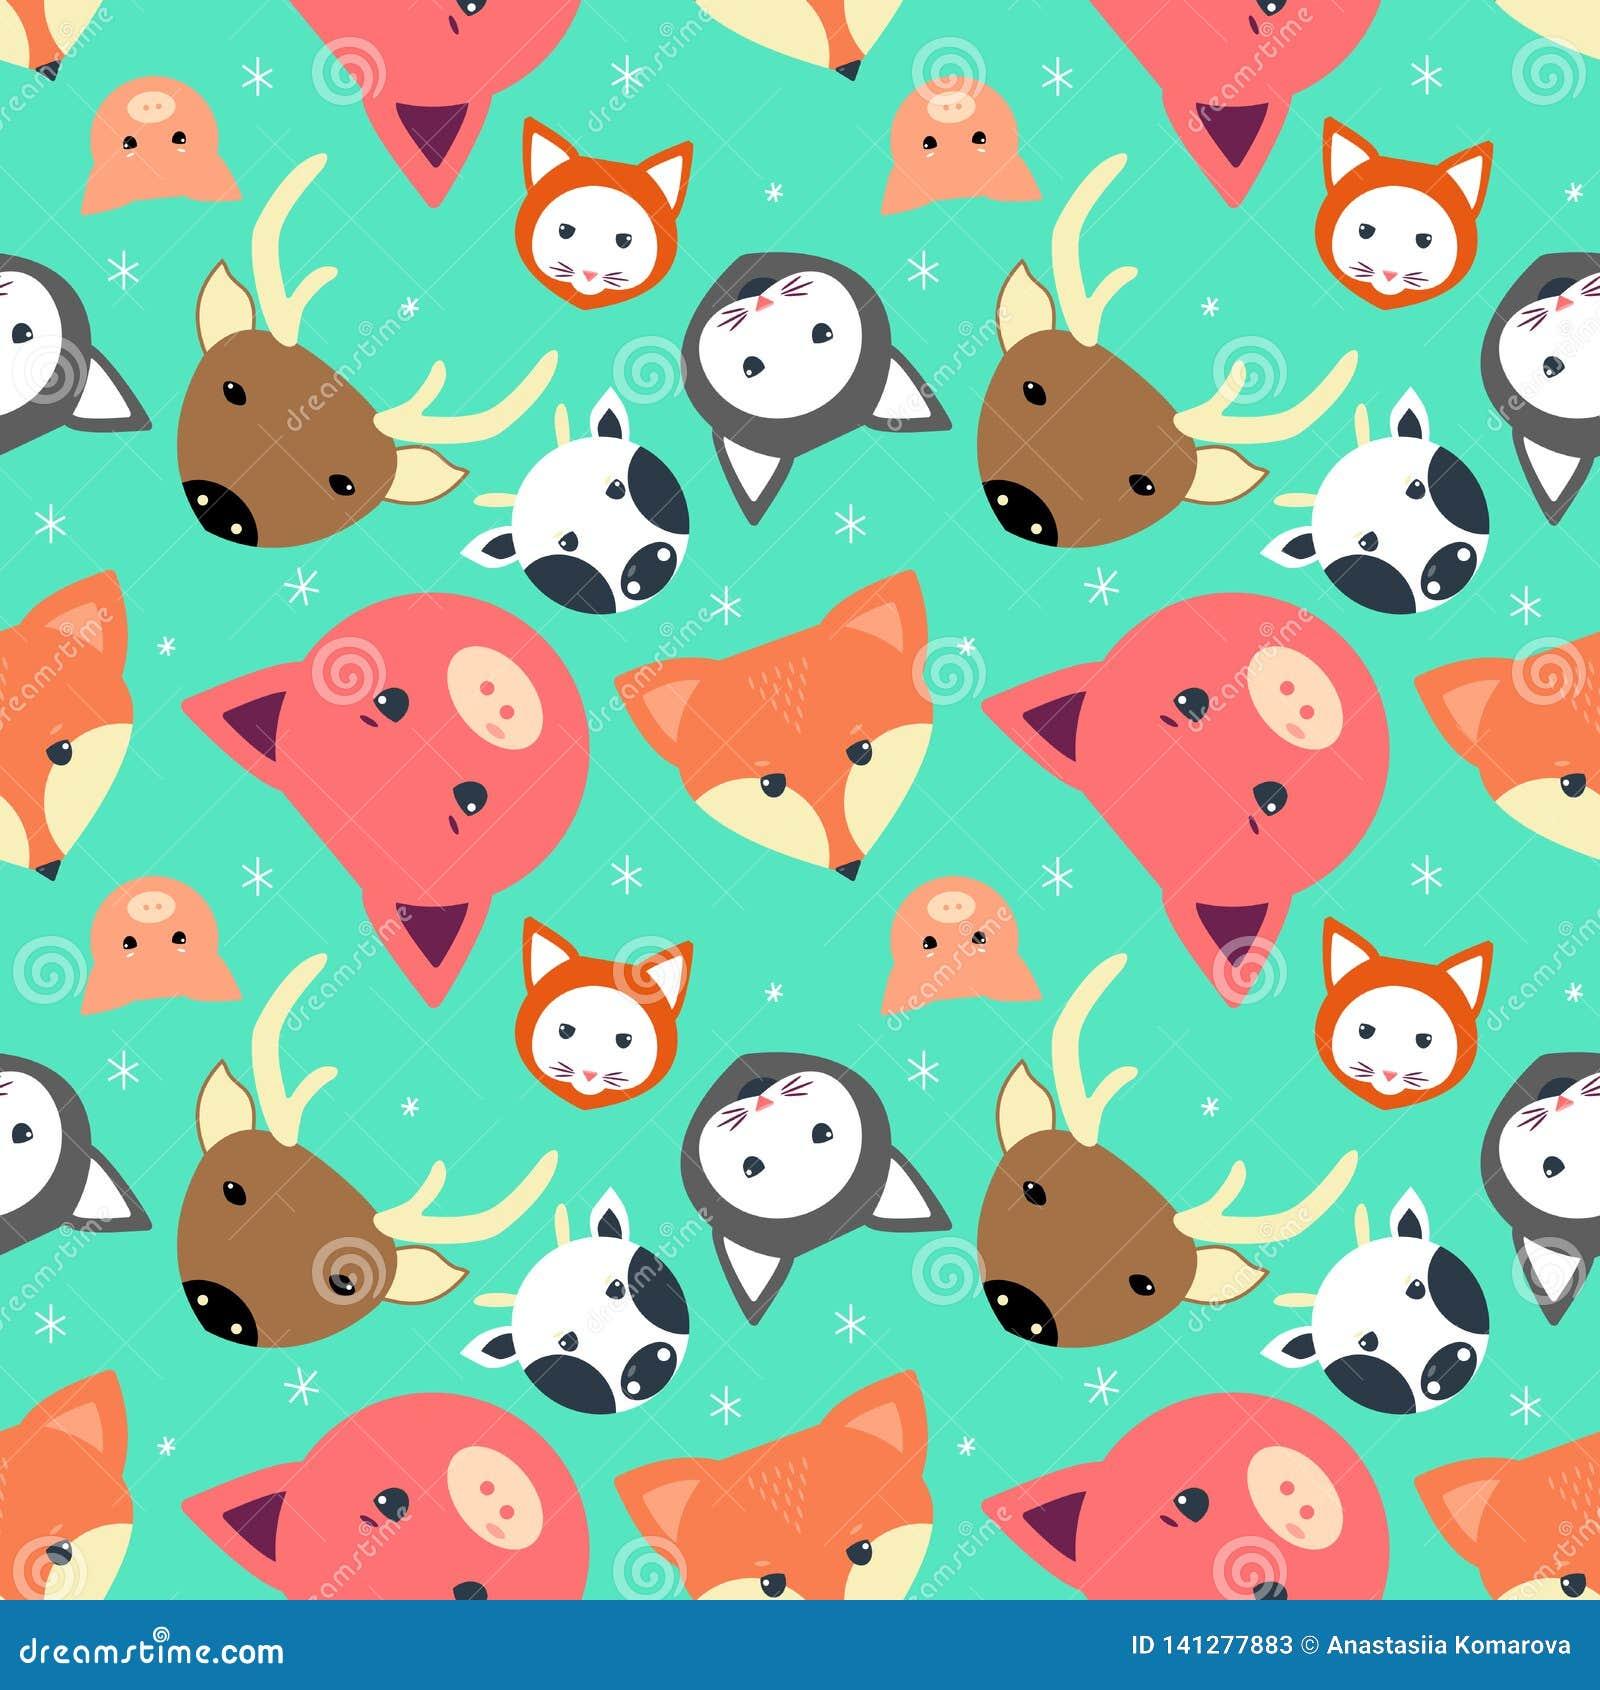 Tierisches nahtloses Muster mit Kuh, Fuchs Katze lieb, Schwein im flachen Entwurf